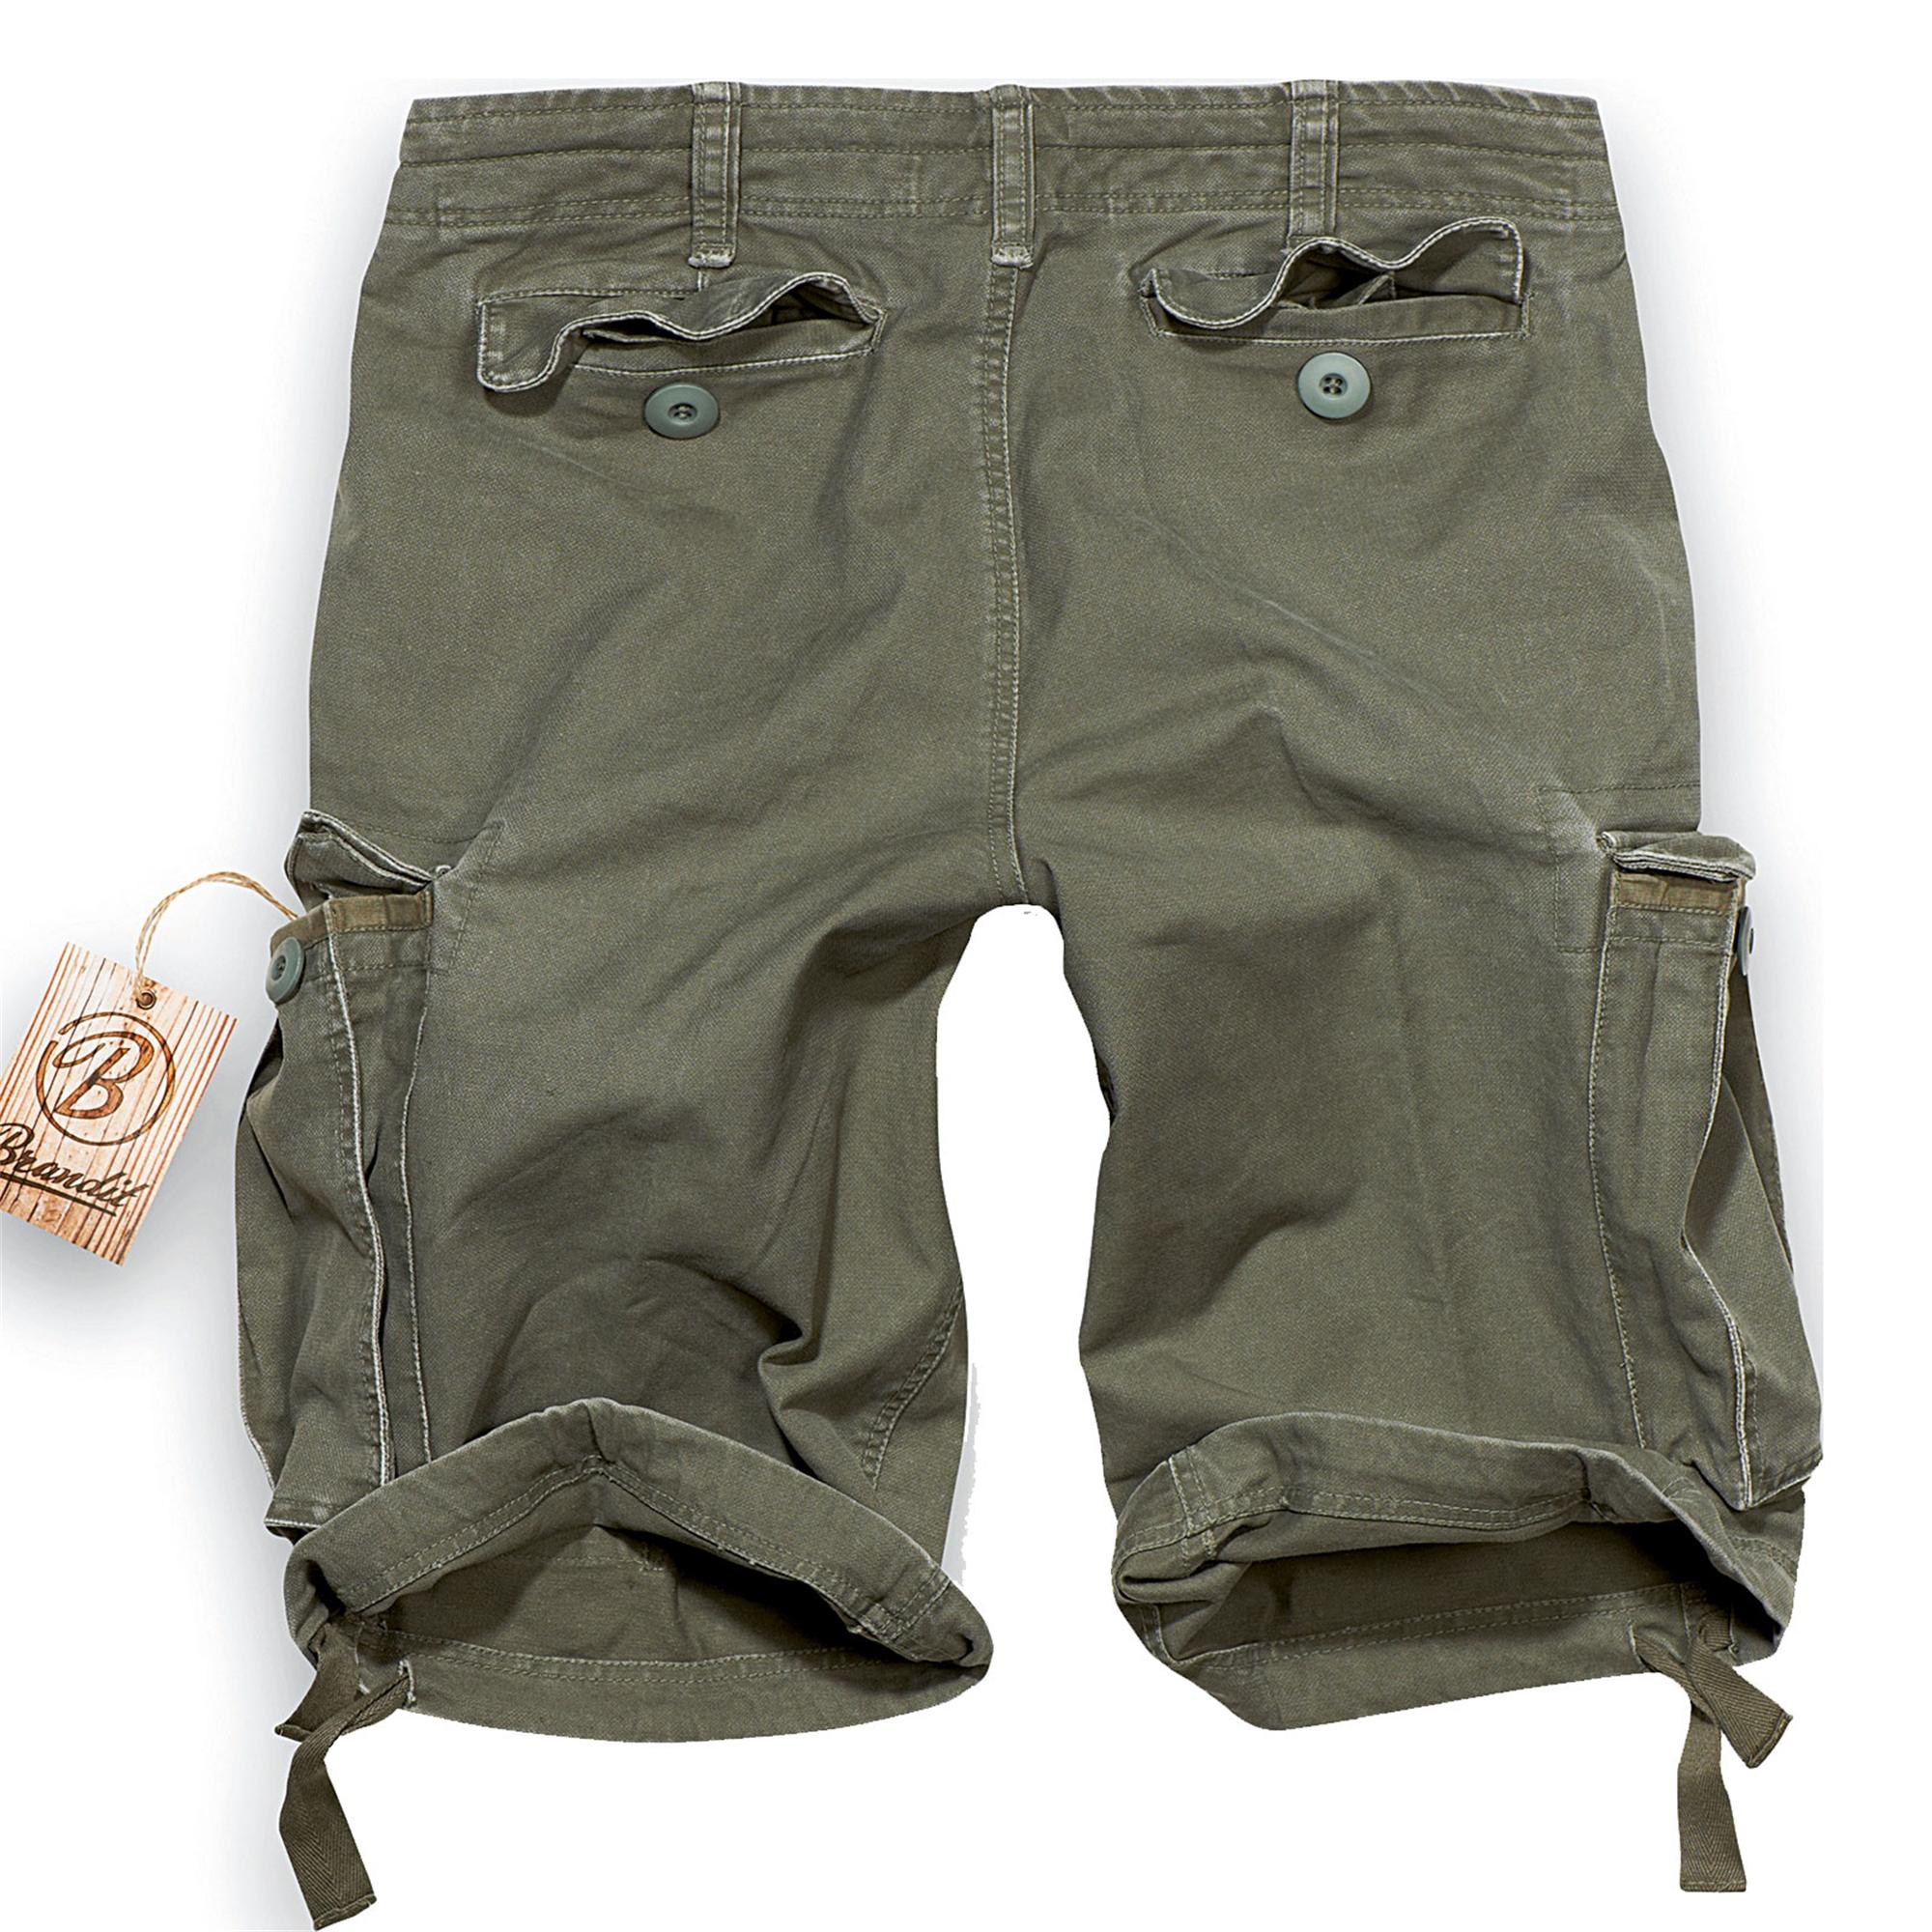 Brandit-Vintage-Herren-Cargo-Shorts-Bermuda-Kurze-Hose-Short-US-Army-Ranger Indexbild 6